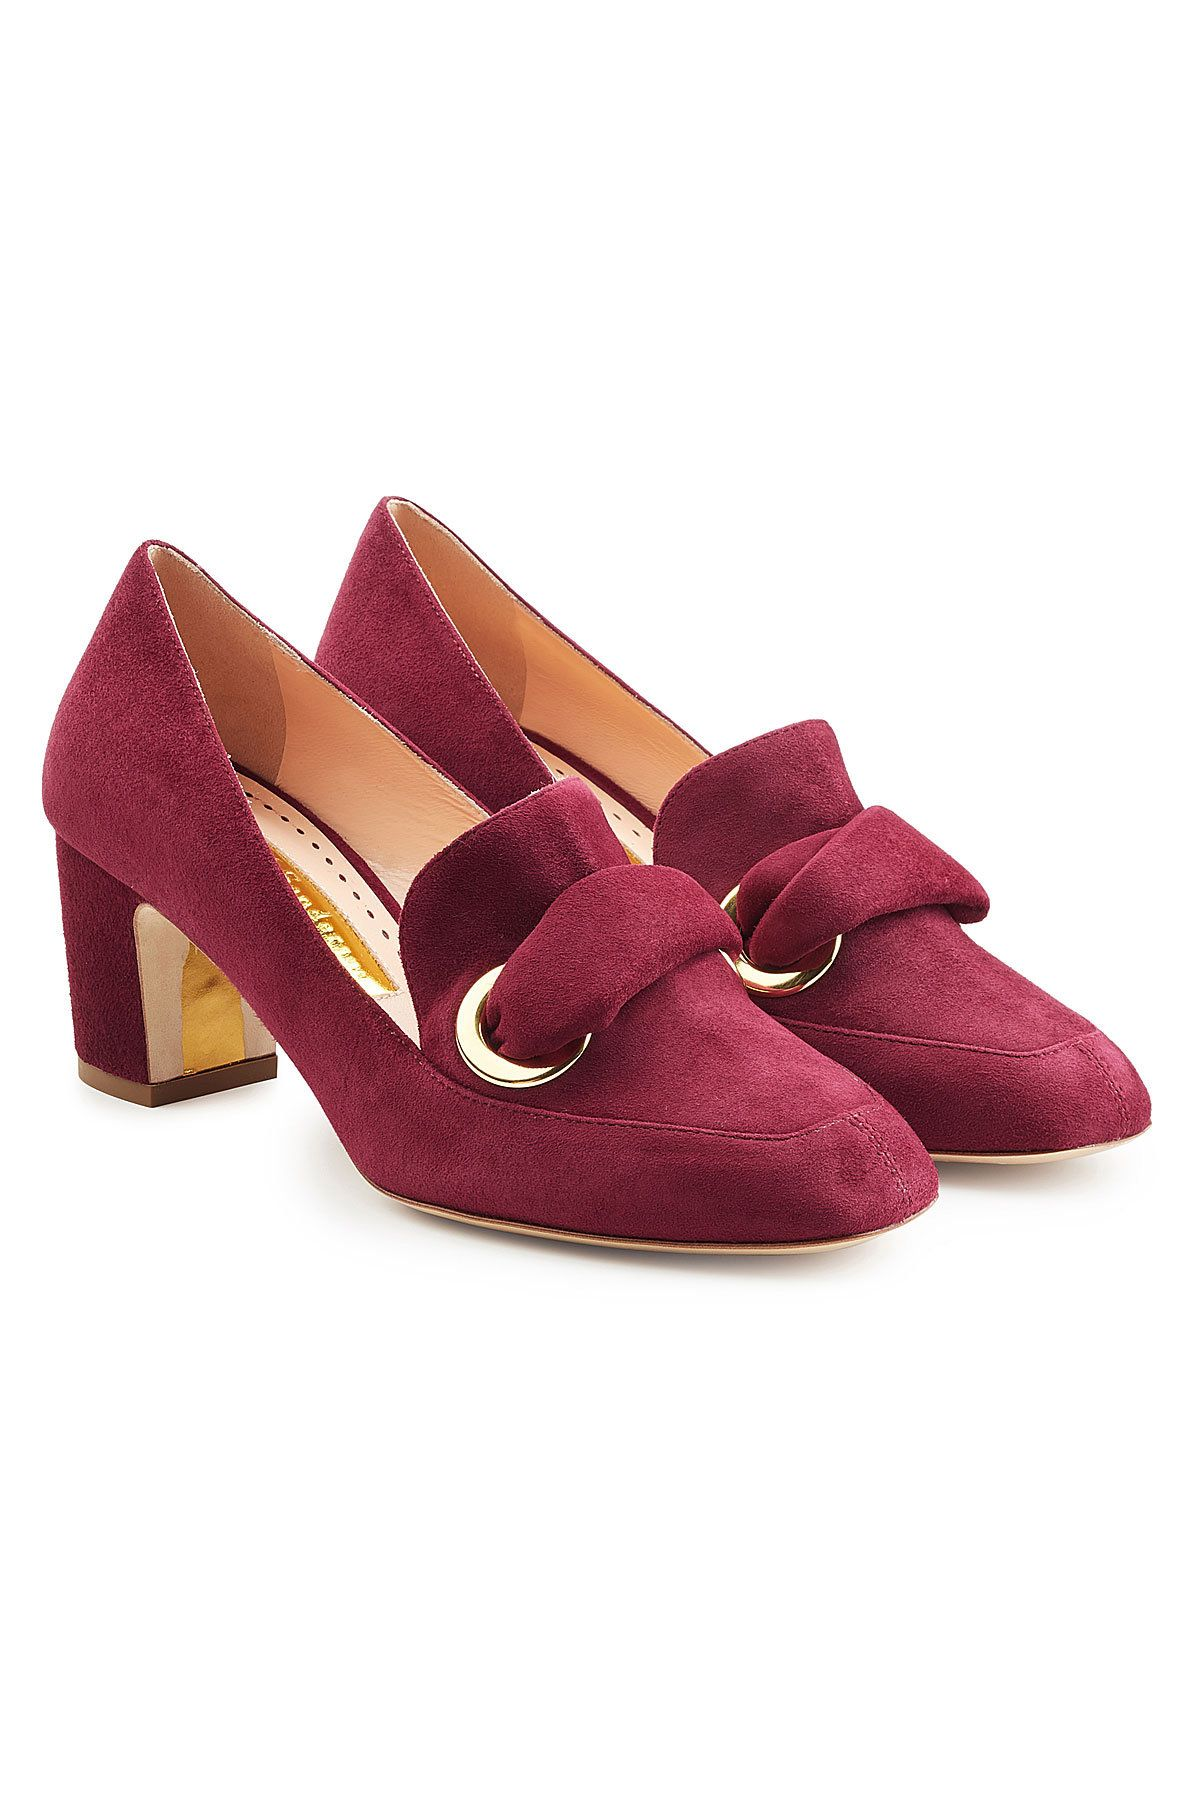 326254f3573a RUPERT SANDERSON Rupert Sanderson Suede Pumps.  rupertsanderson  shoes